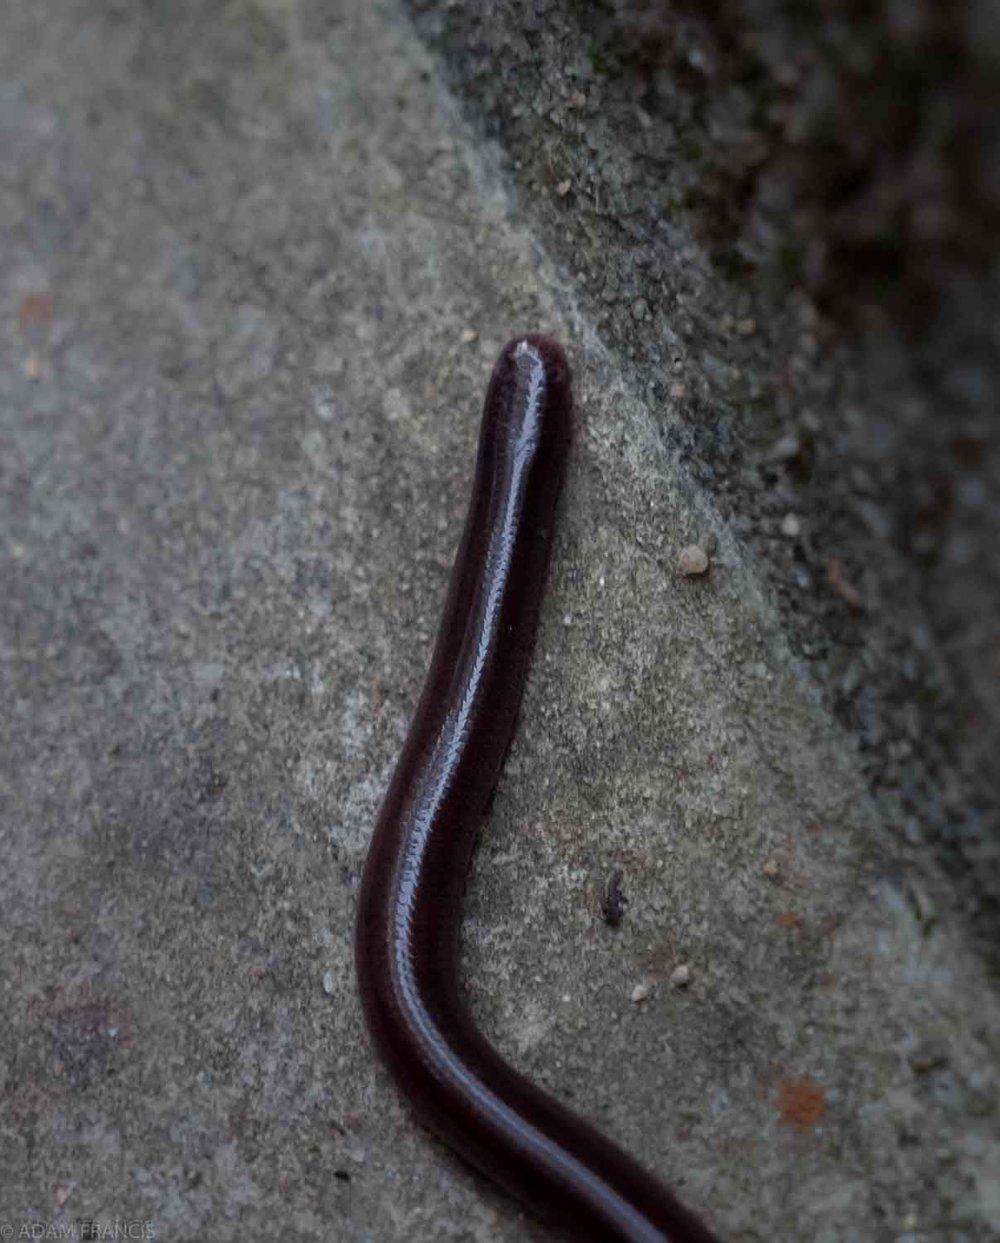 Common Blind Snake - Indotyphlops braminus